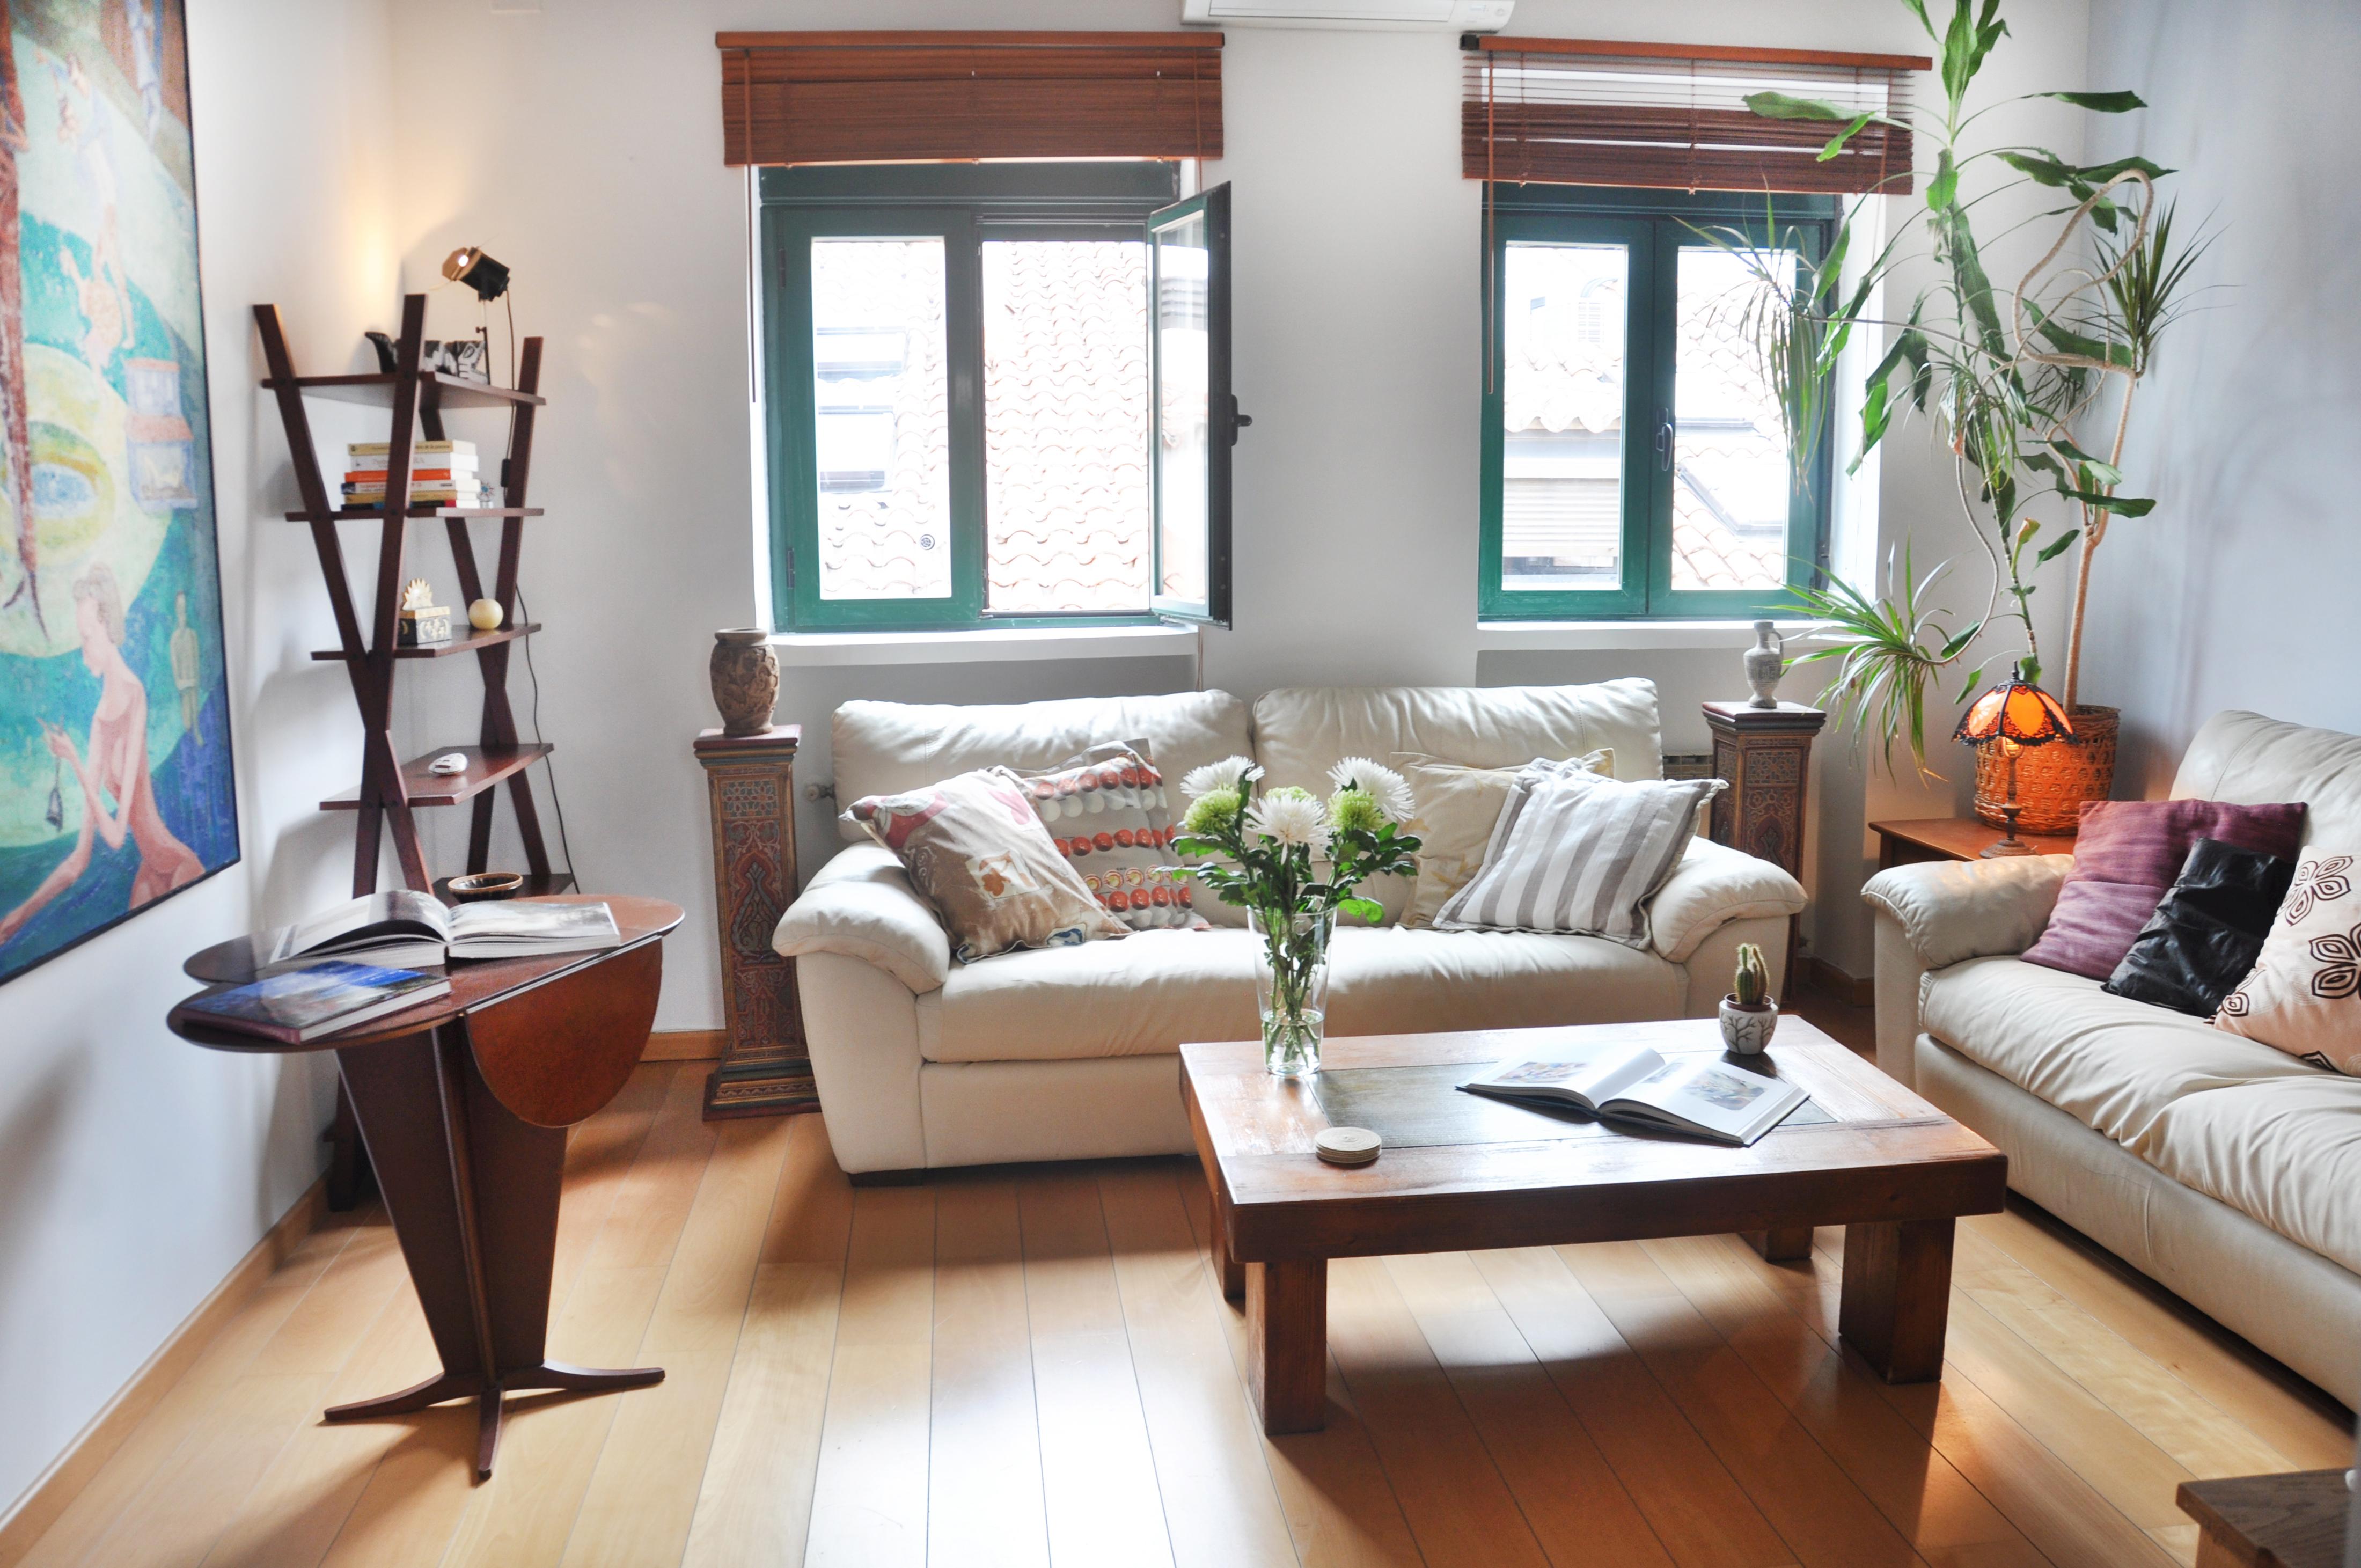 alquiler-de-pisos-por-semanas-meses-en-Madrid.jpg